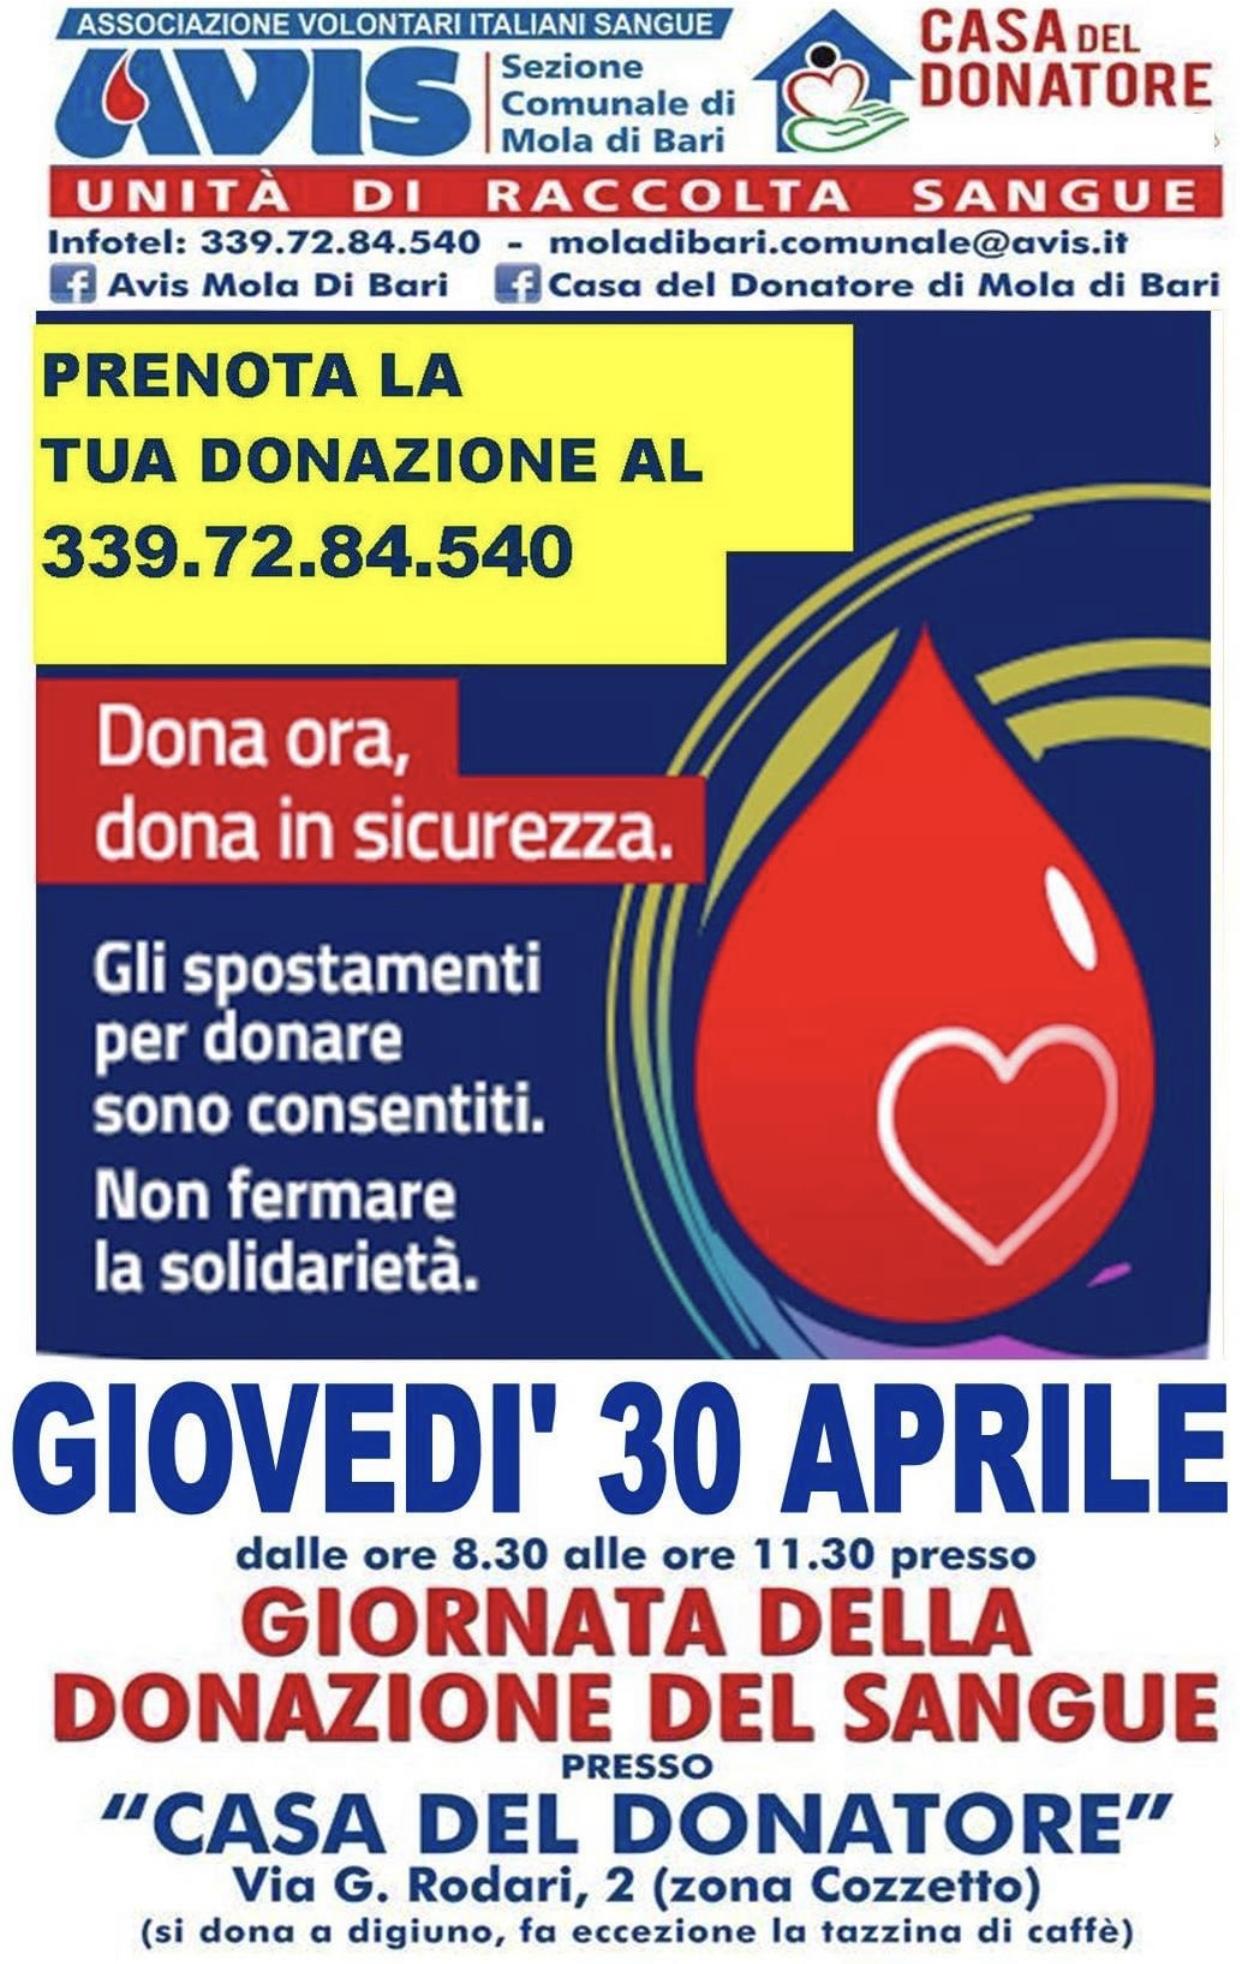 Mola di Bari donazione sangue